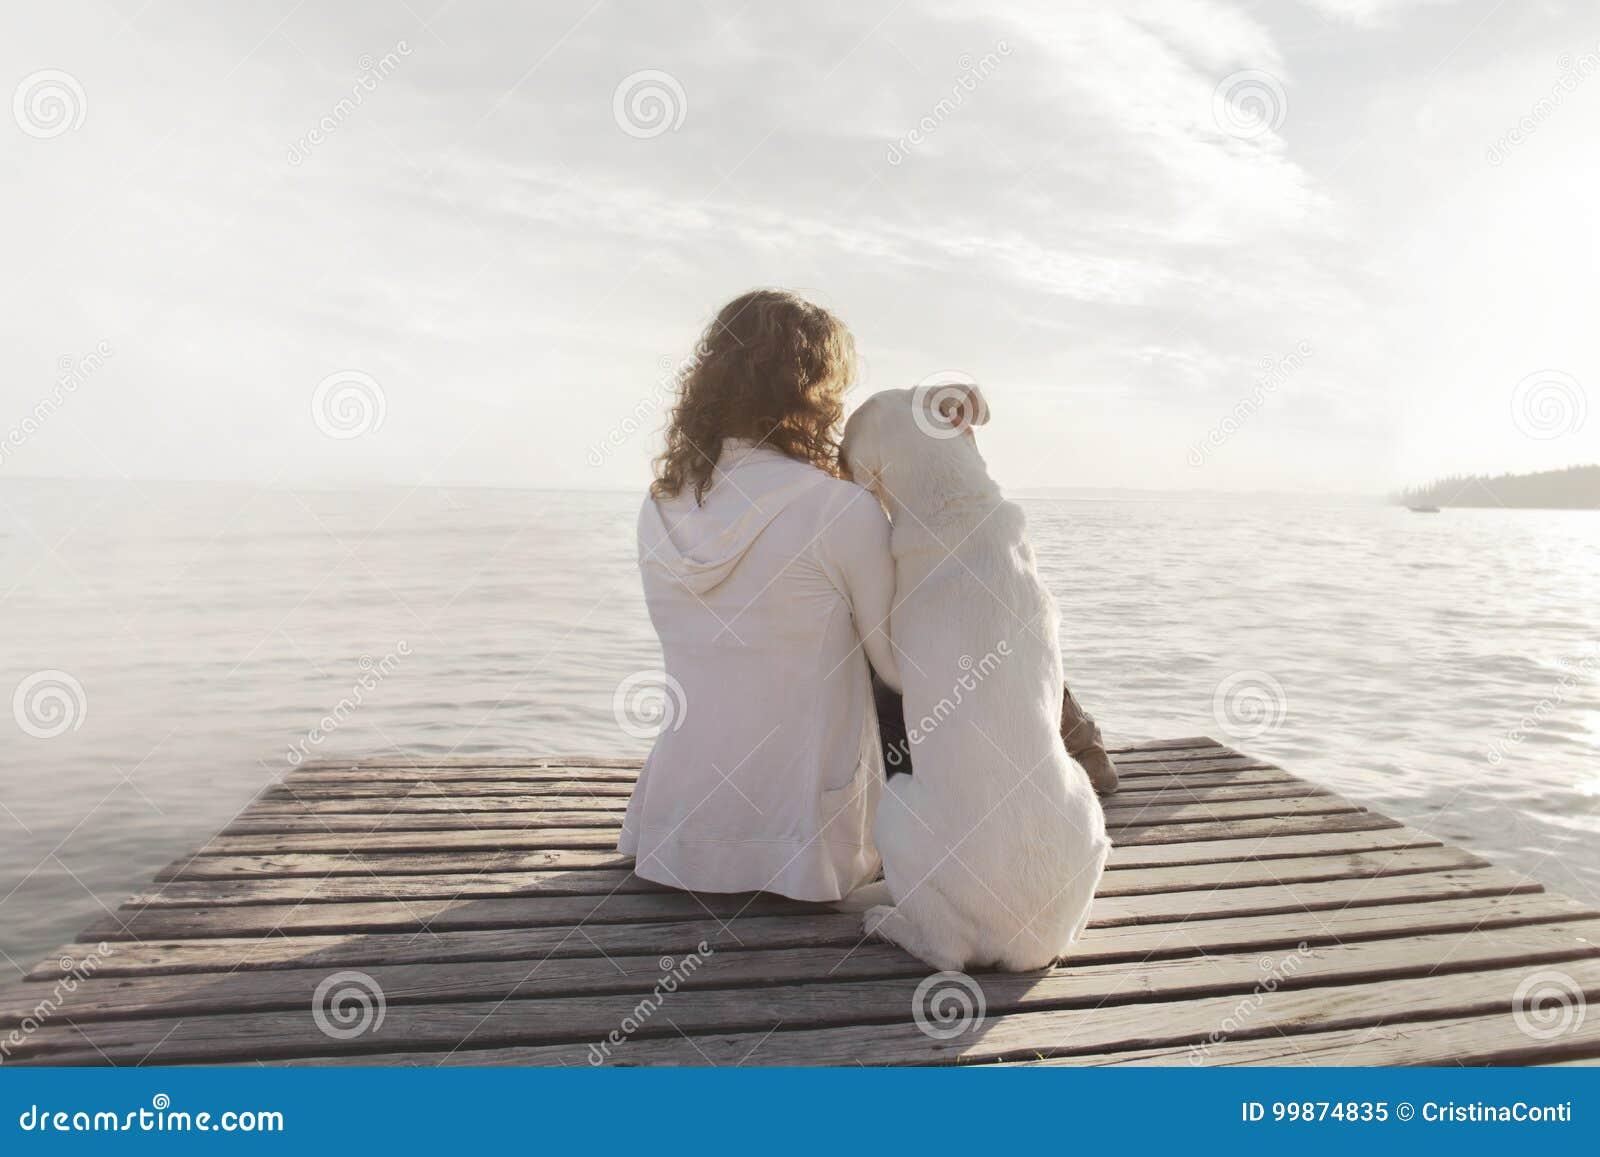 La mujer y su perro admiran juntos la visión